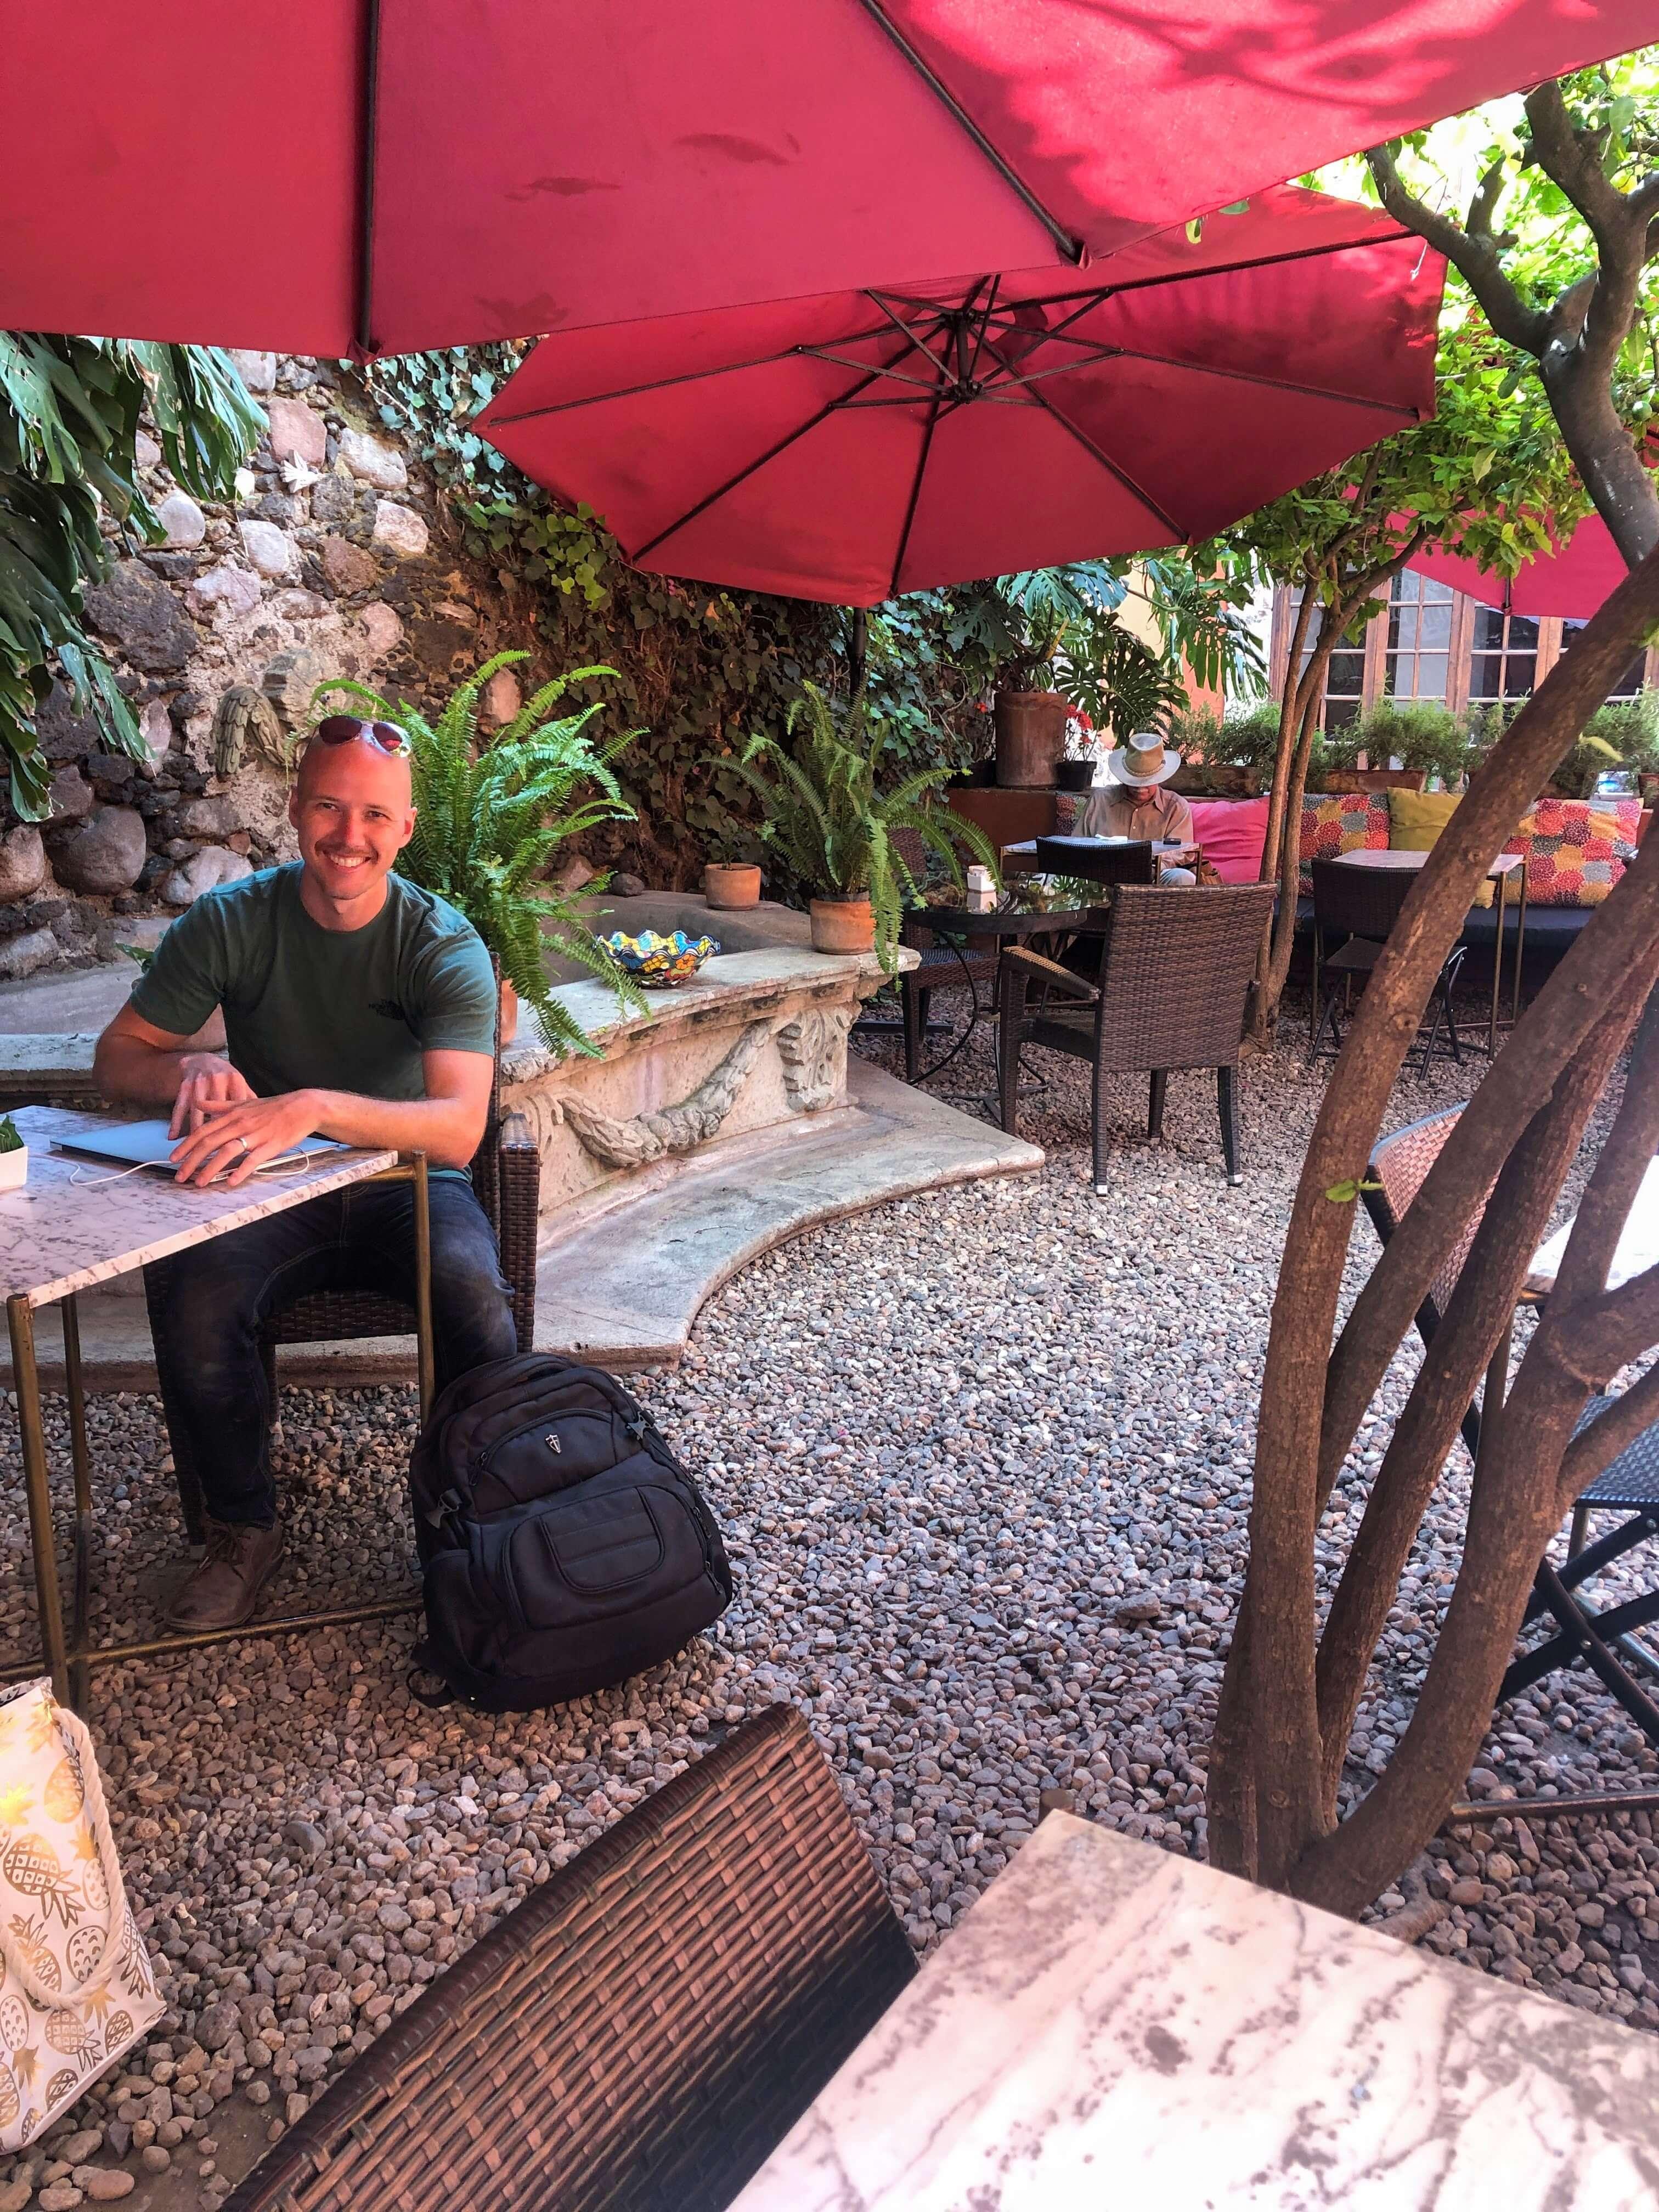 La Sacristia cafe in San Miguel de Allende